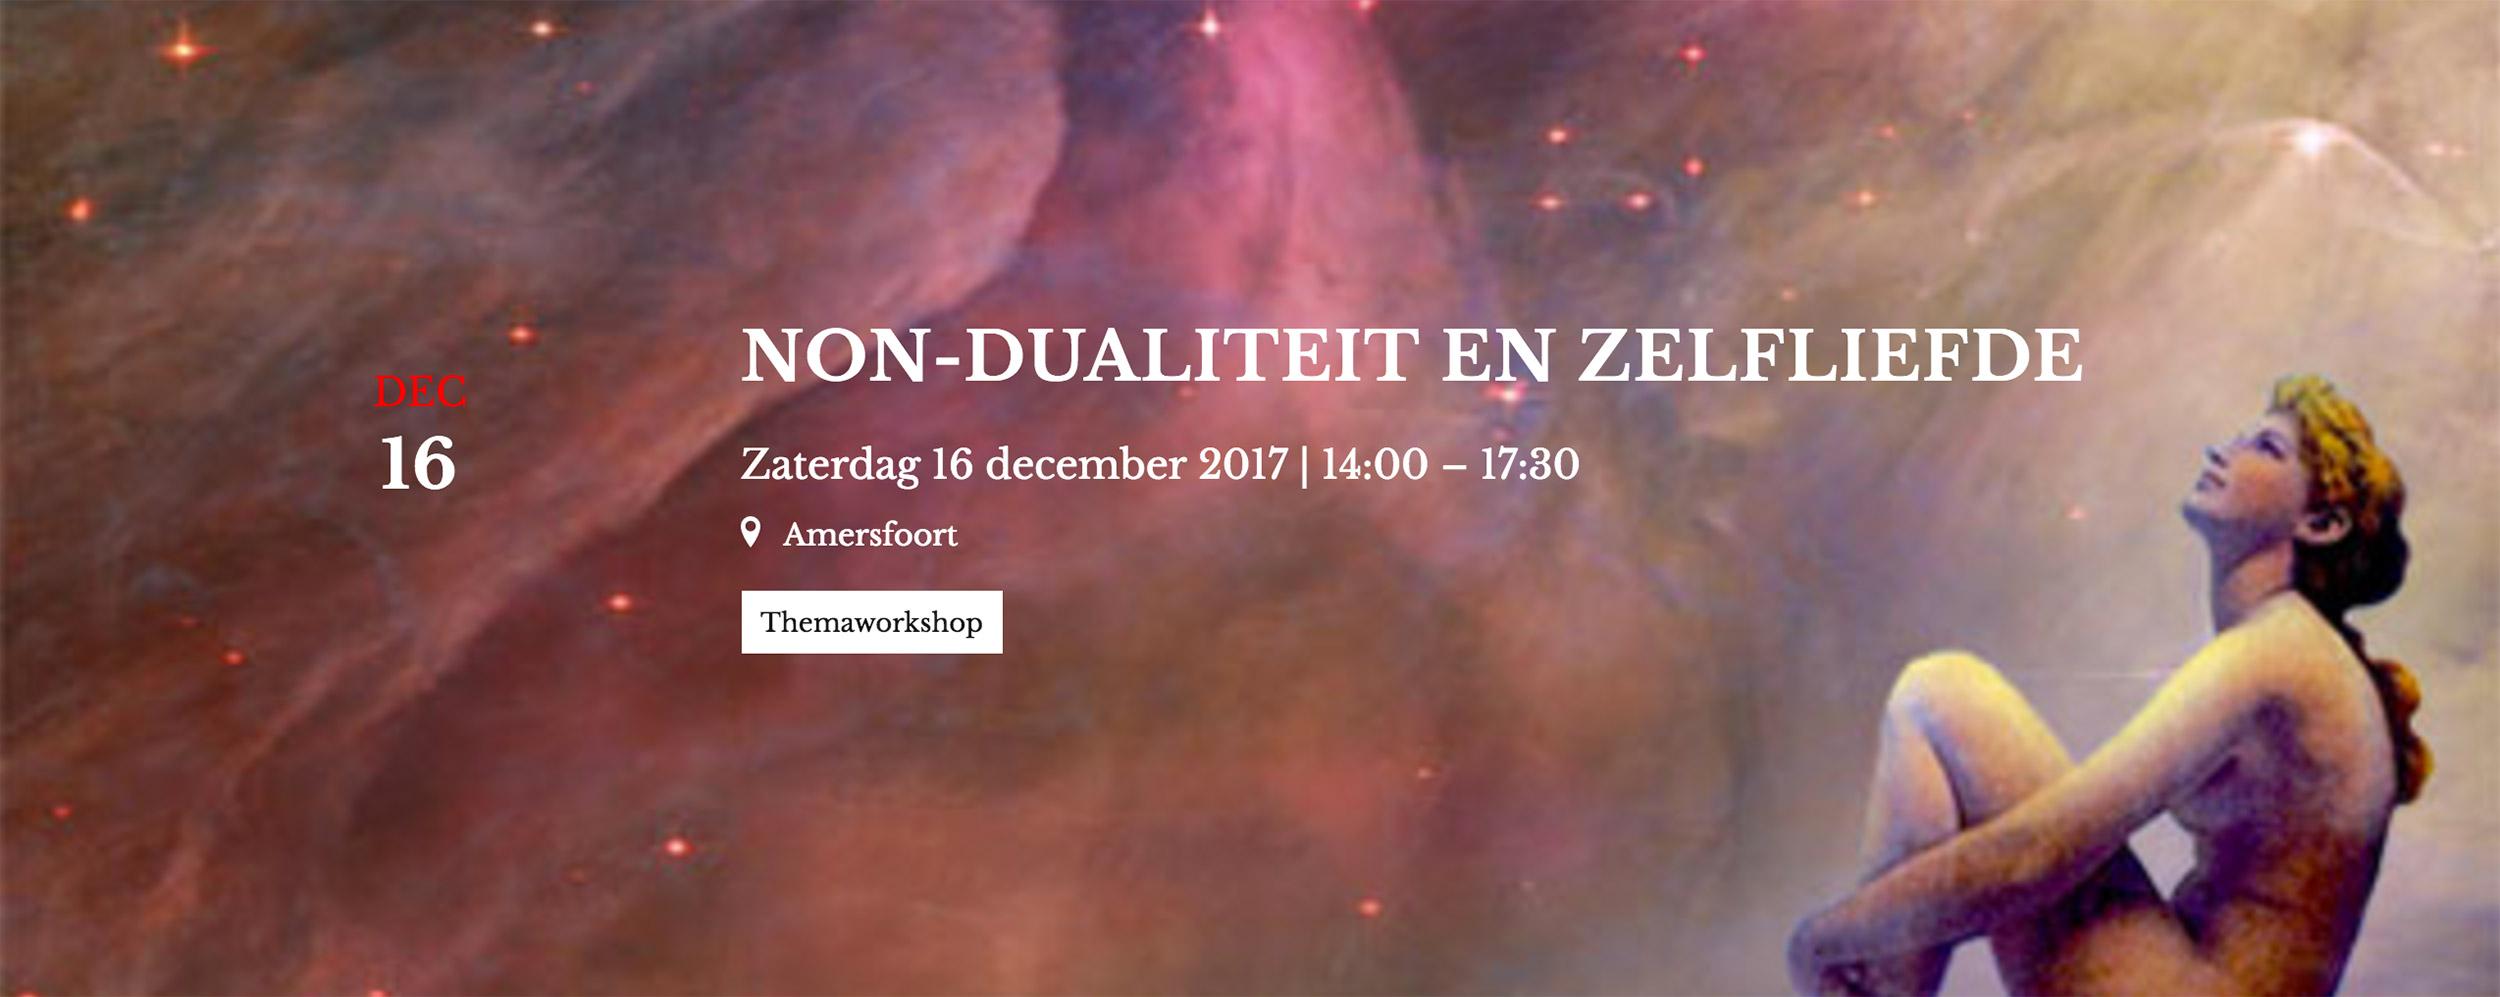 Non dualiteit en zelfliefde even samsara december 2017 workshop